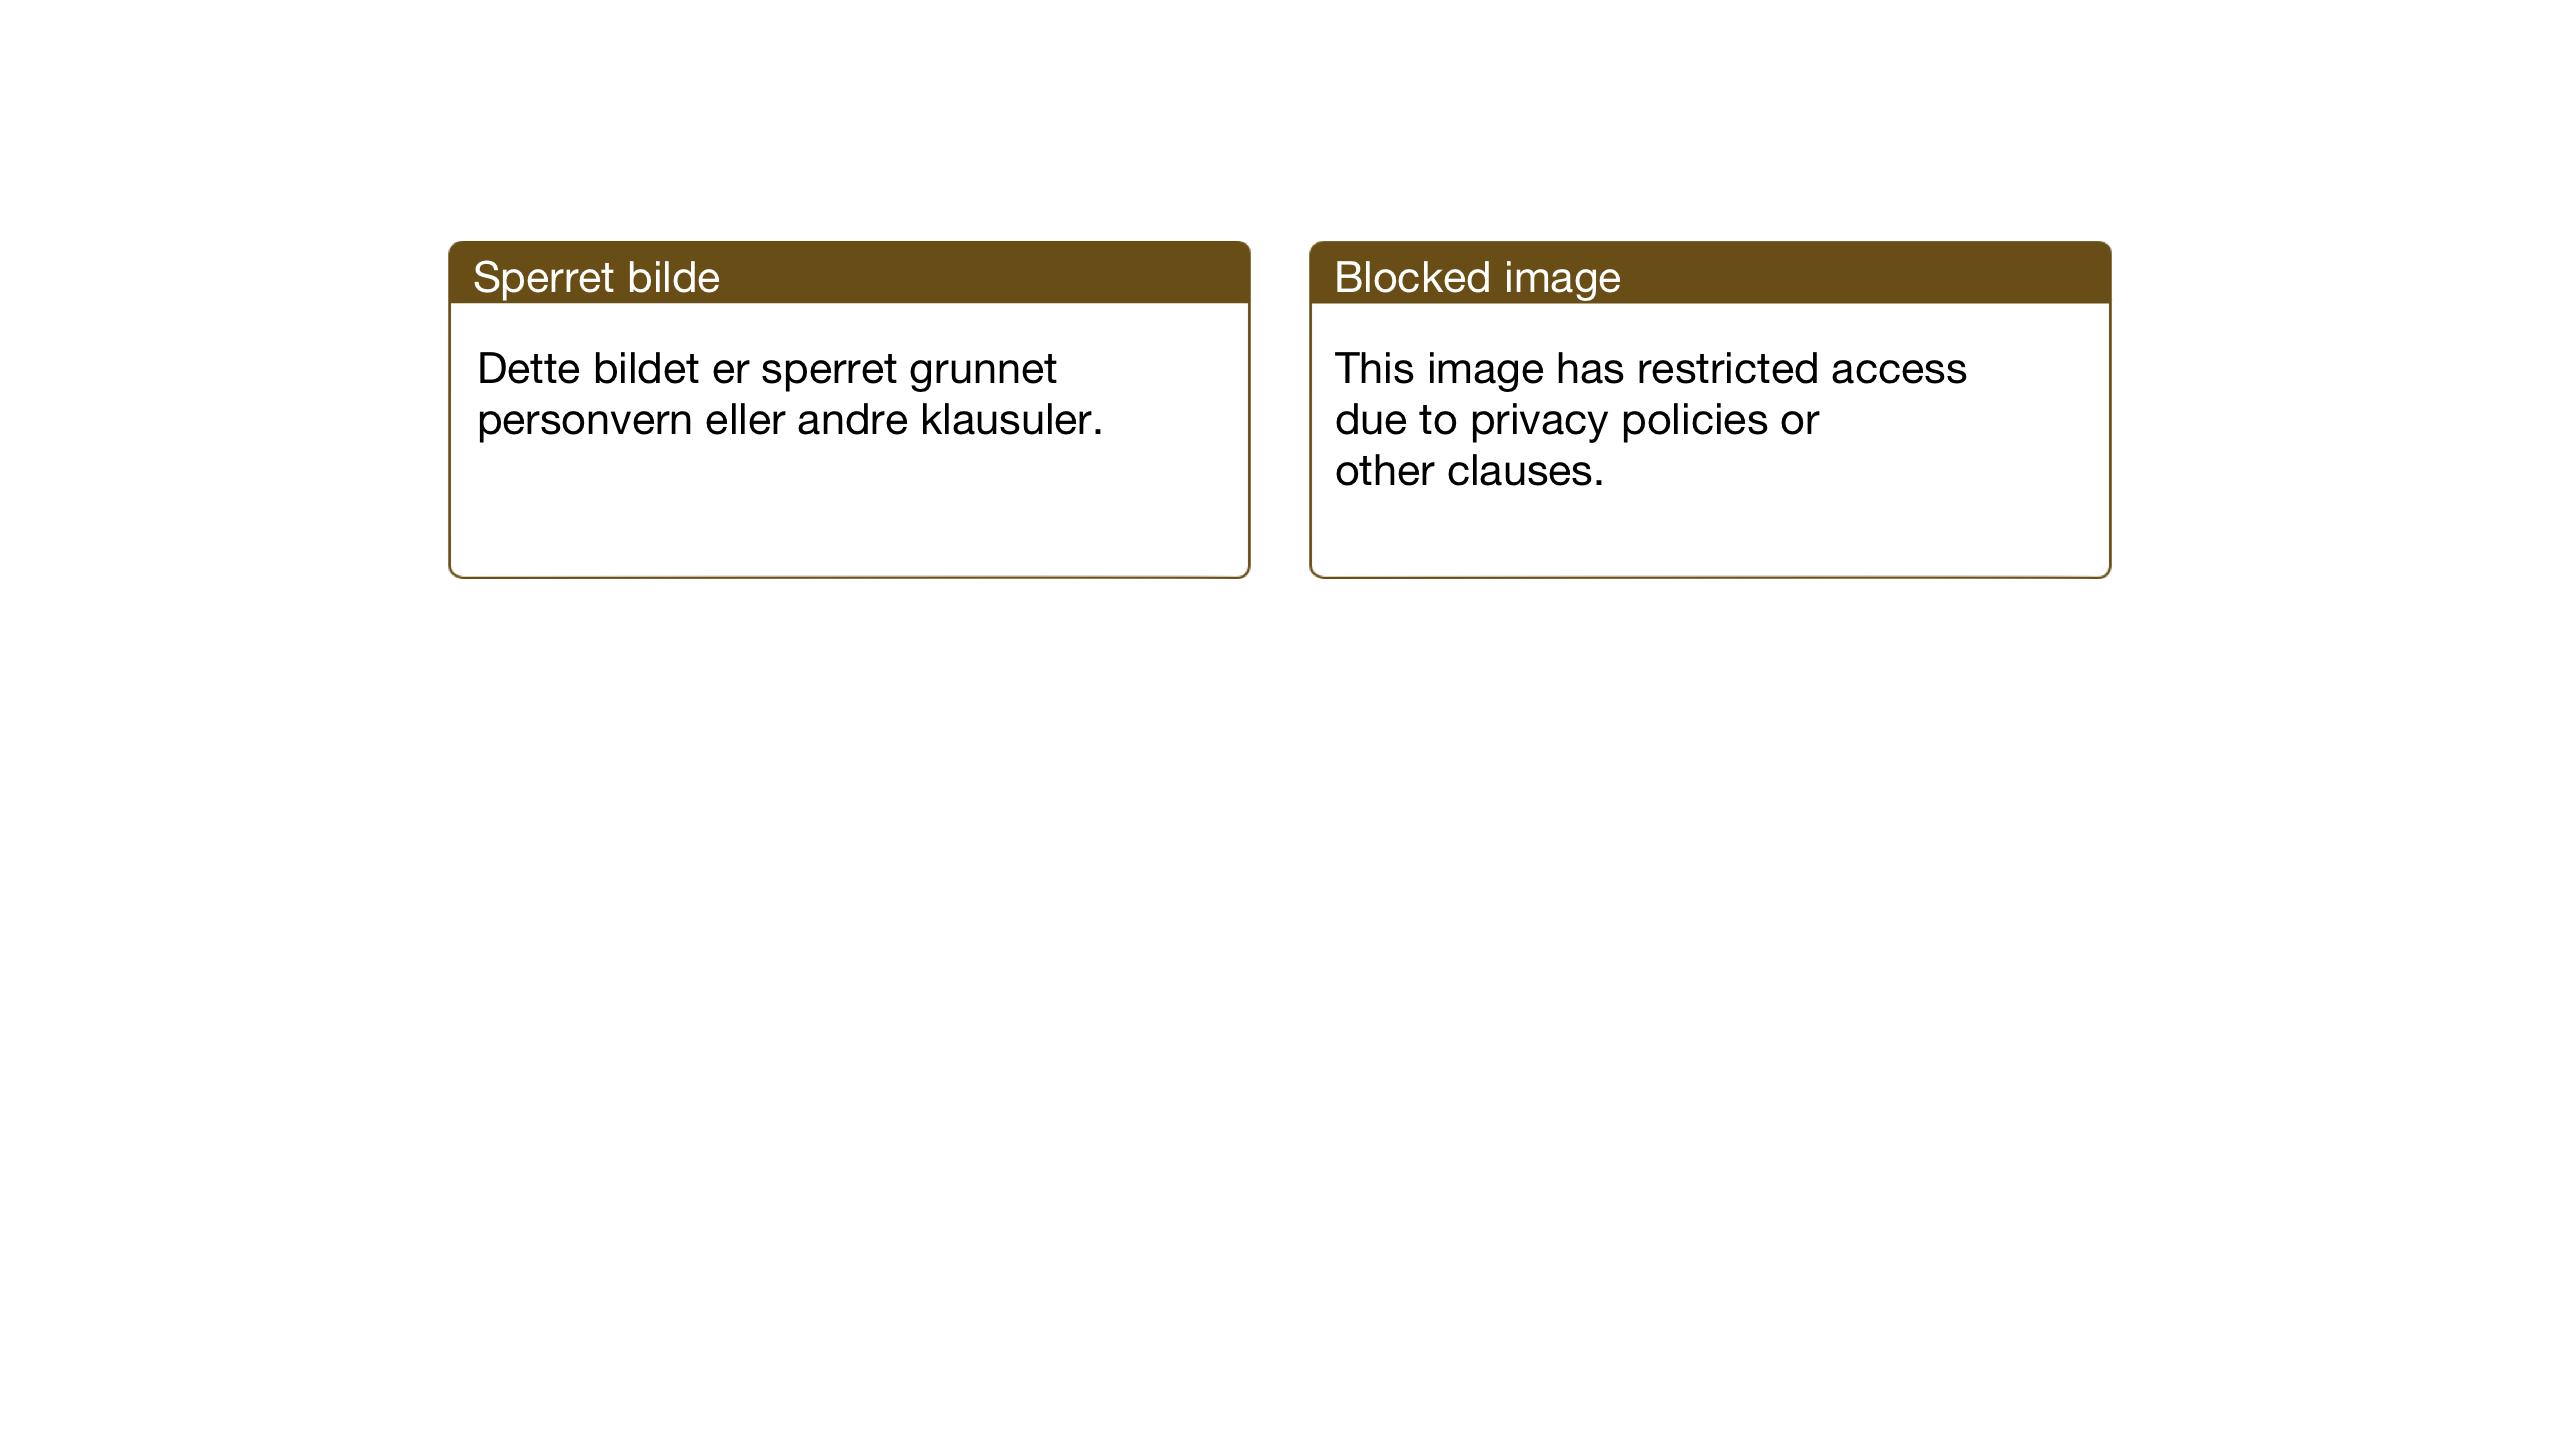 SAT, Ministerialprotokoller, klokkerbøker og fødselsregistre - Sør-Trøndelag, 656/L0696: Klokkerbok nr. 656C02, 1921-1937, s. 27